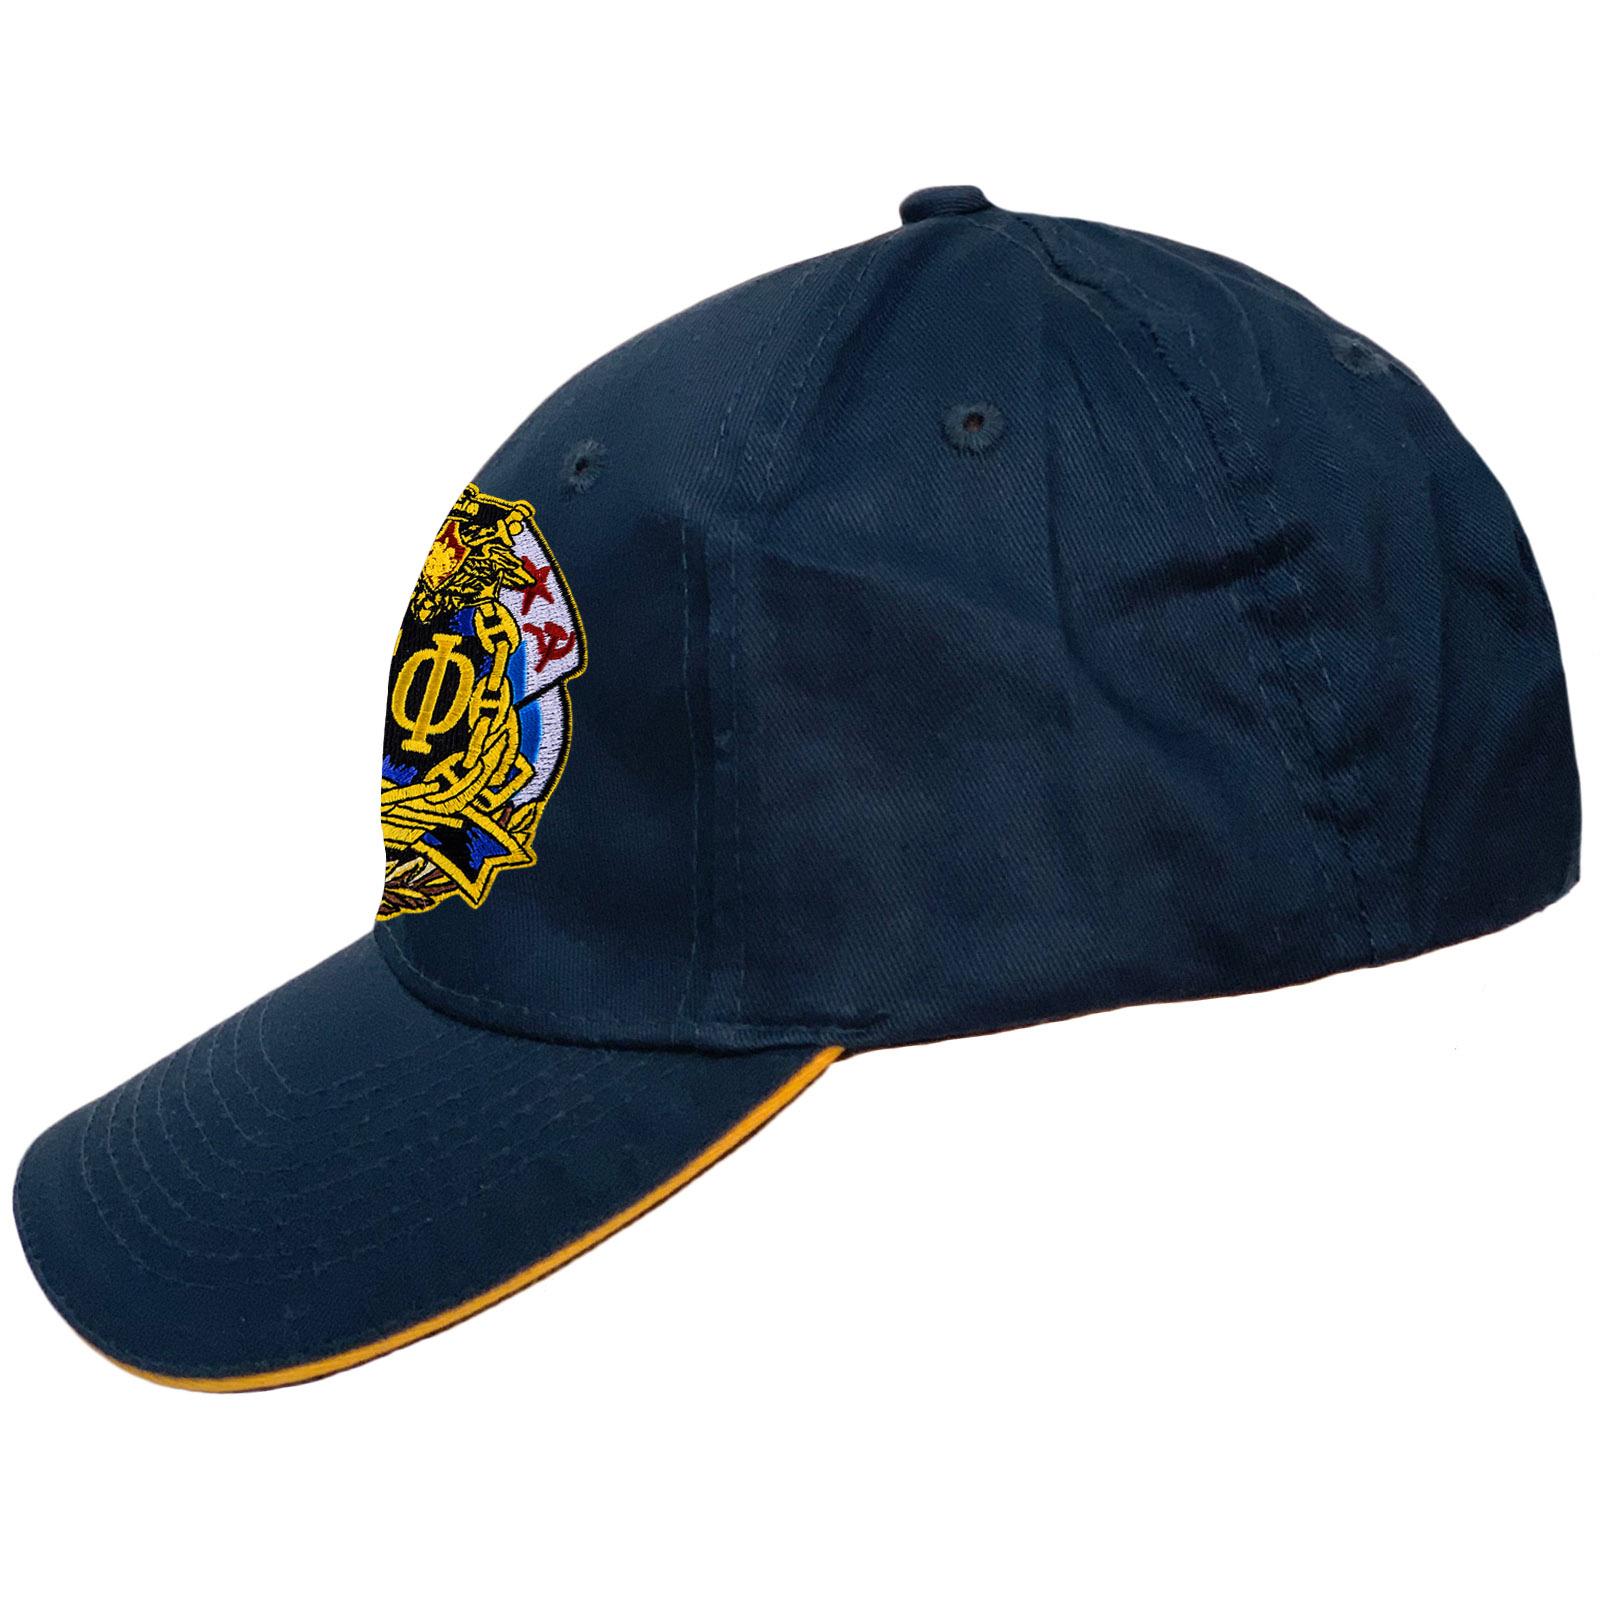 Купить в военторге бейсболку Балтийский флот